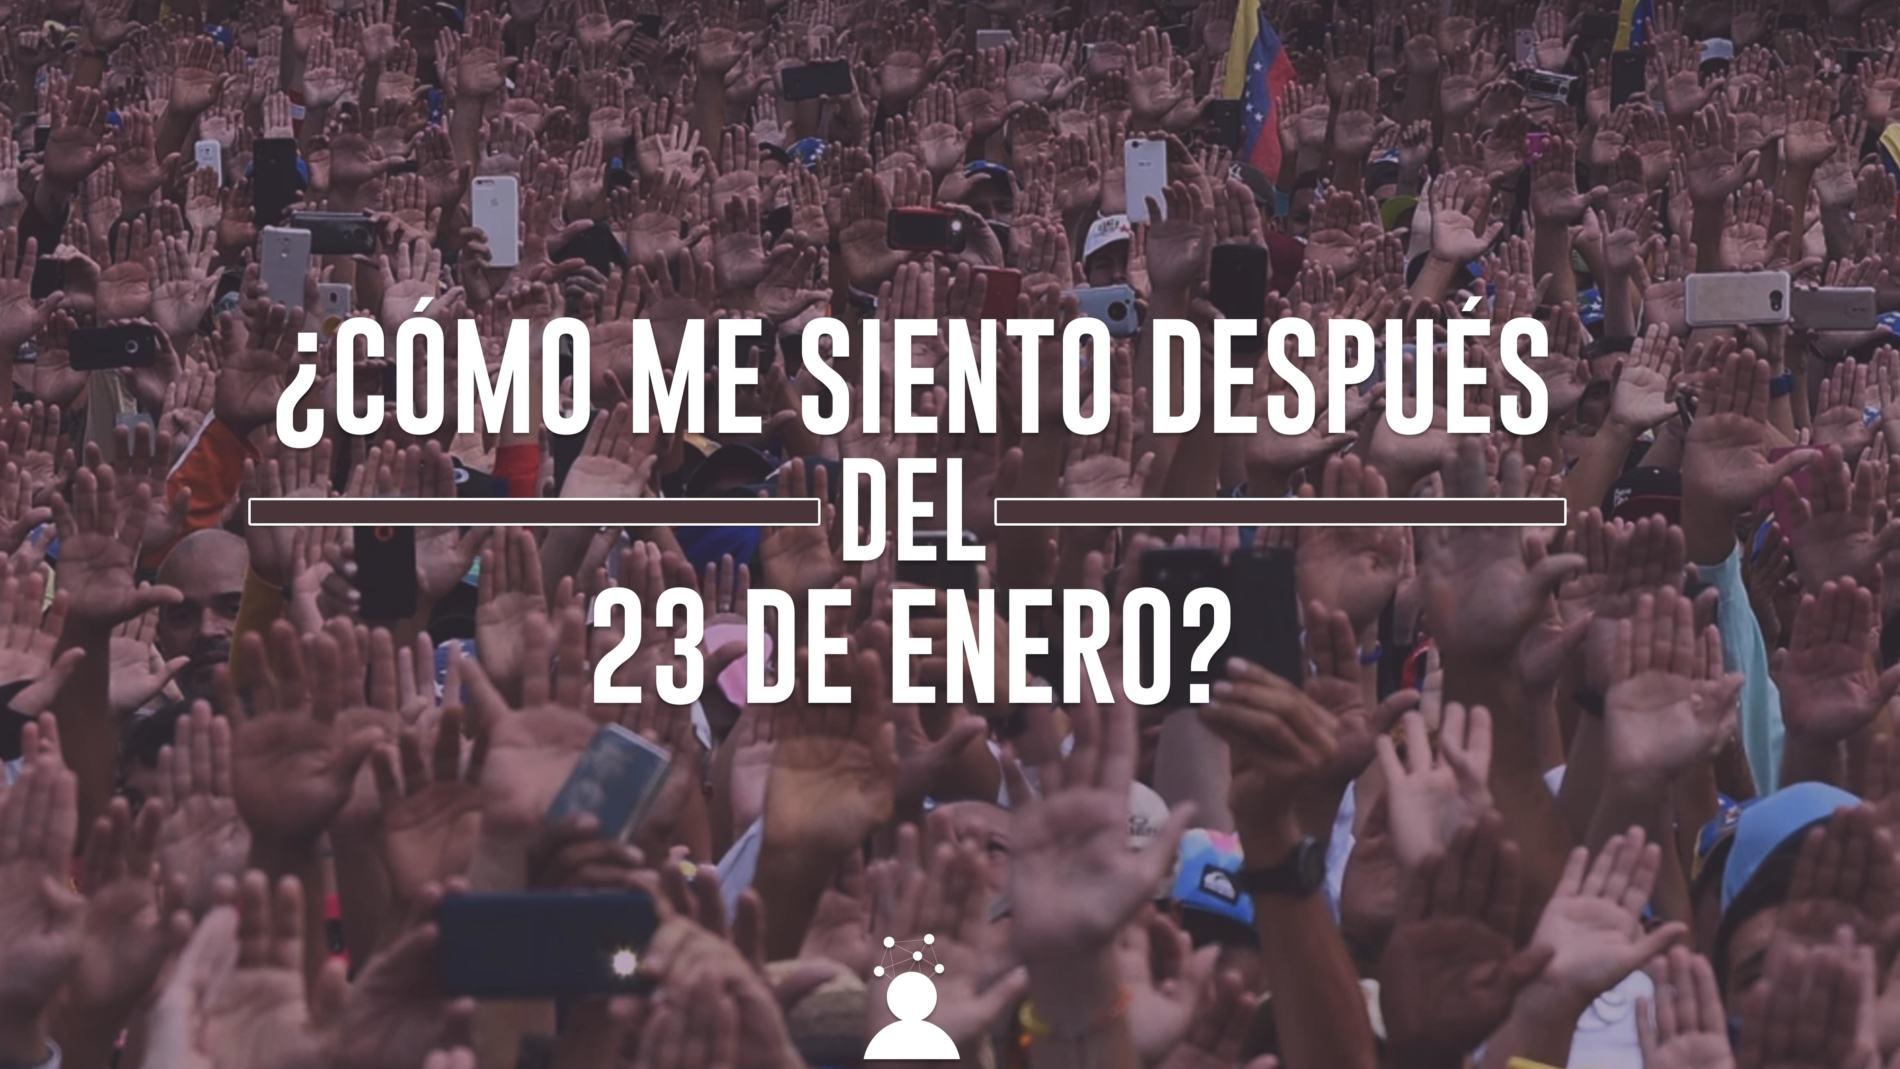 23 DE ENERO